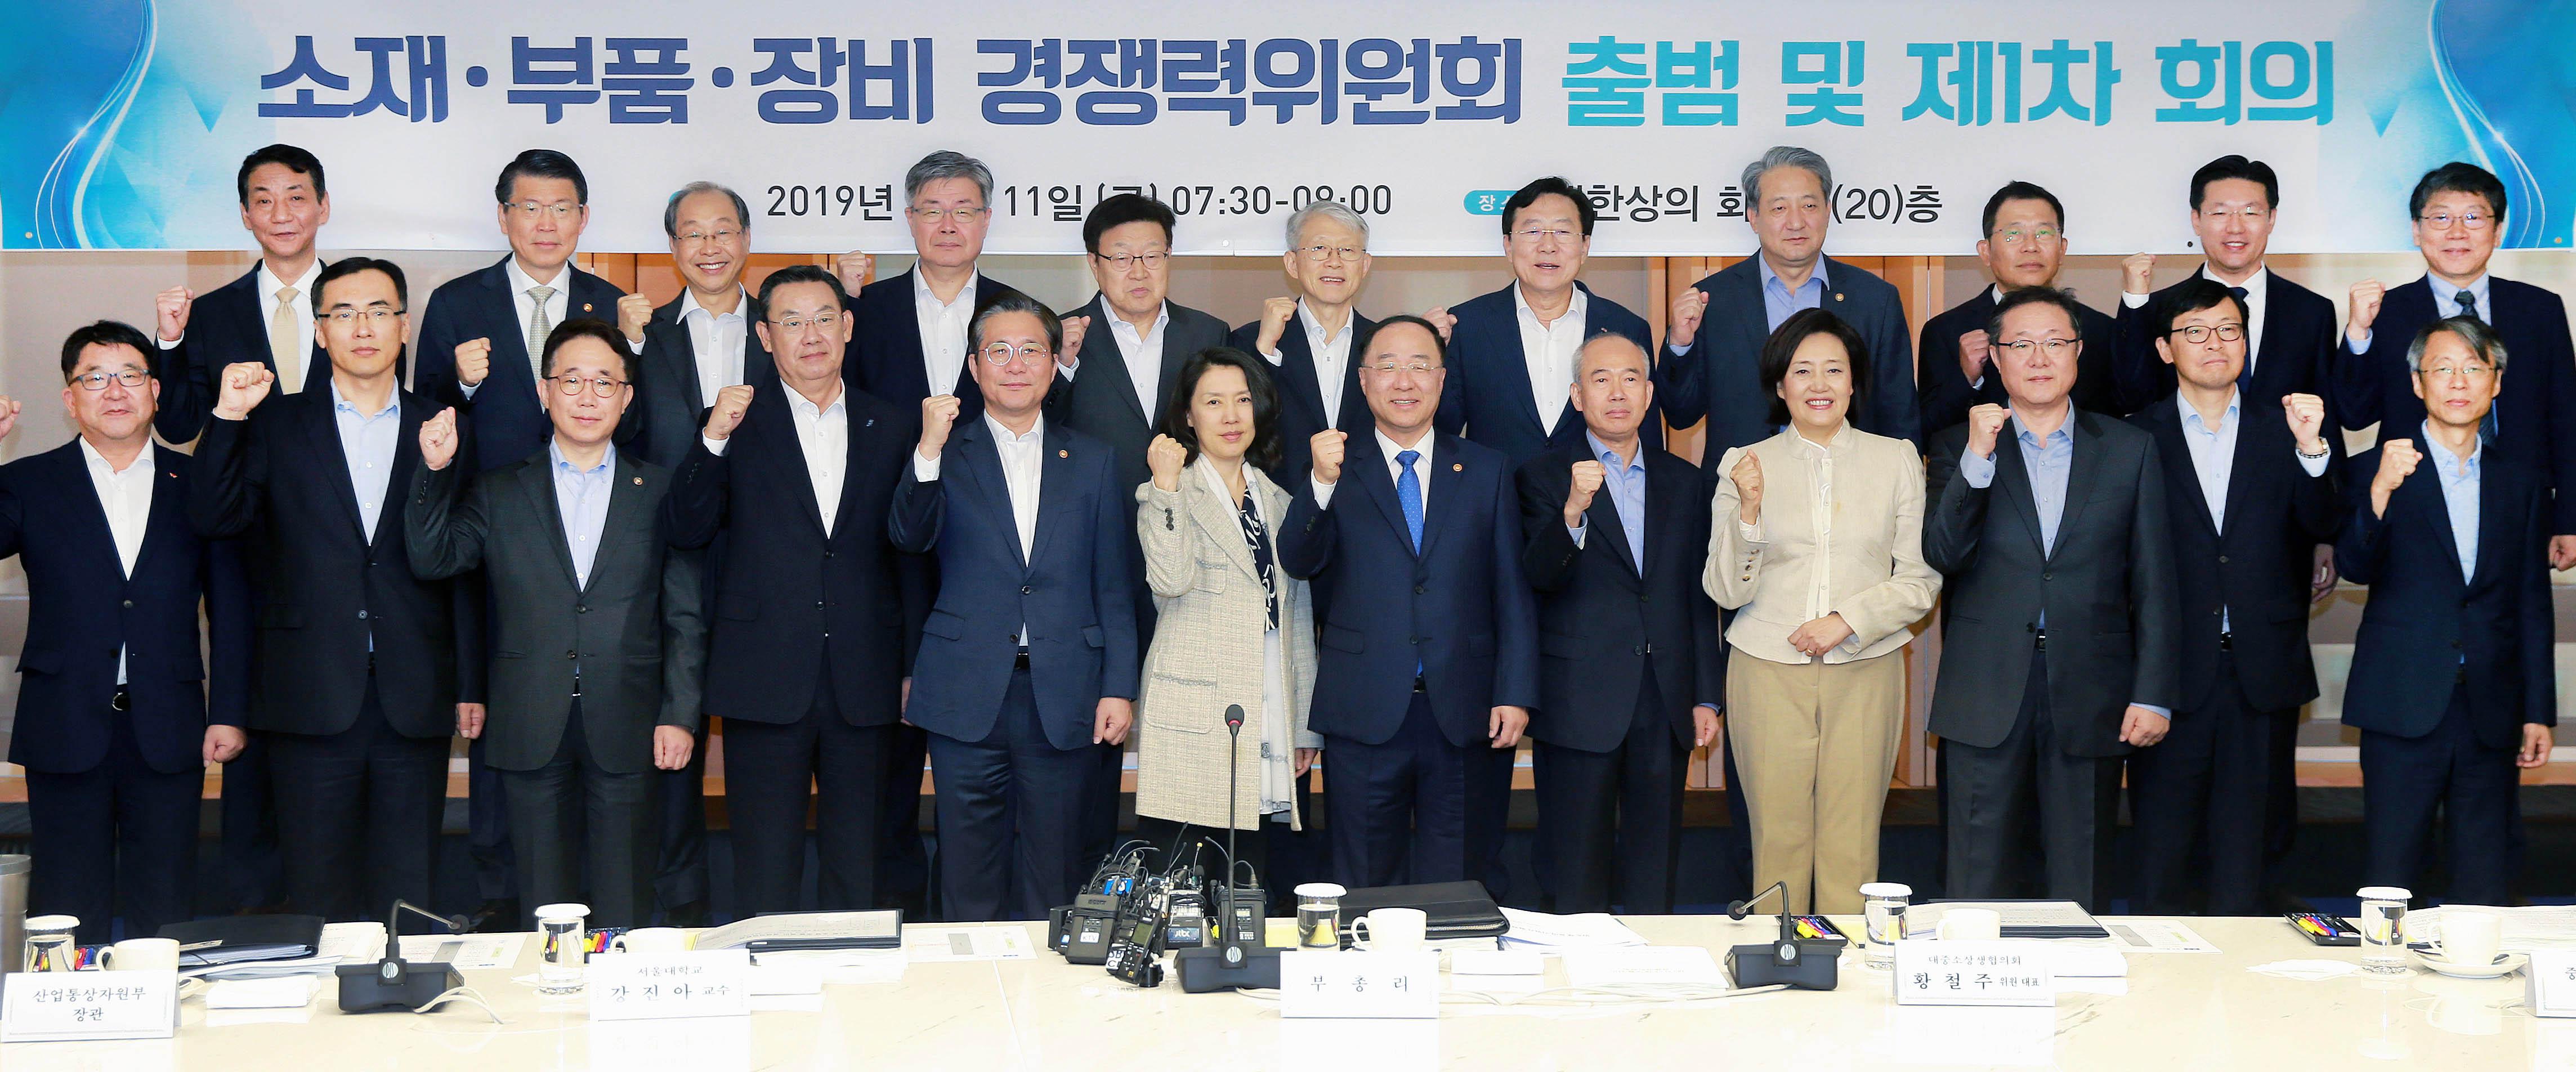 소재·부품·장비 경쟁력위원회 출범 및 제1차 회으 사진